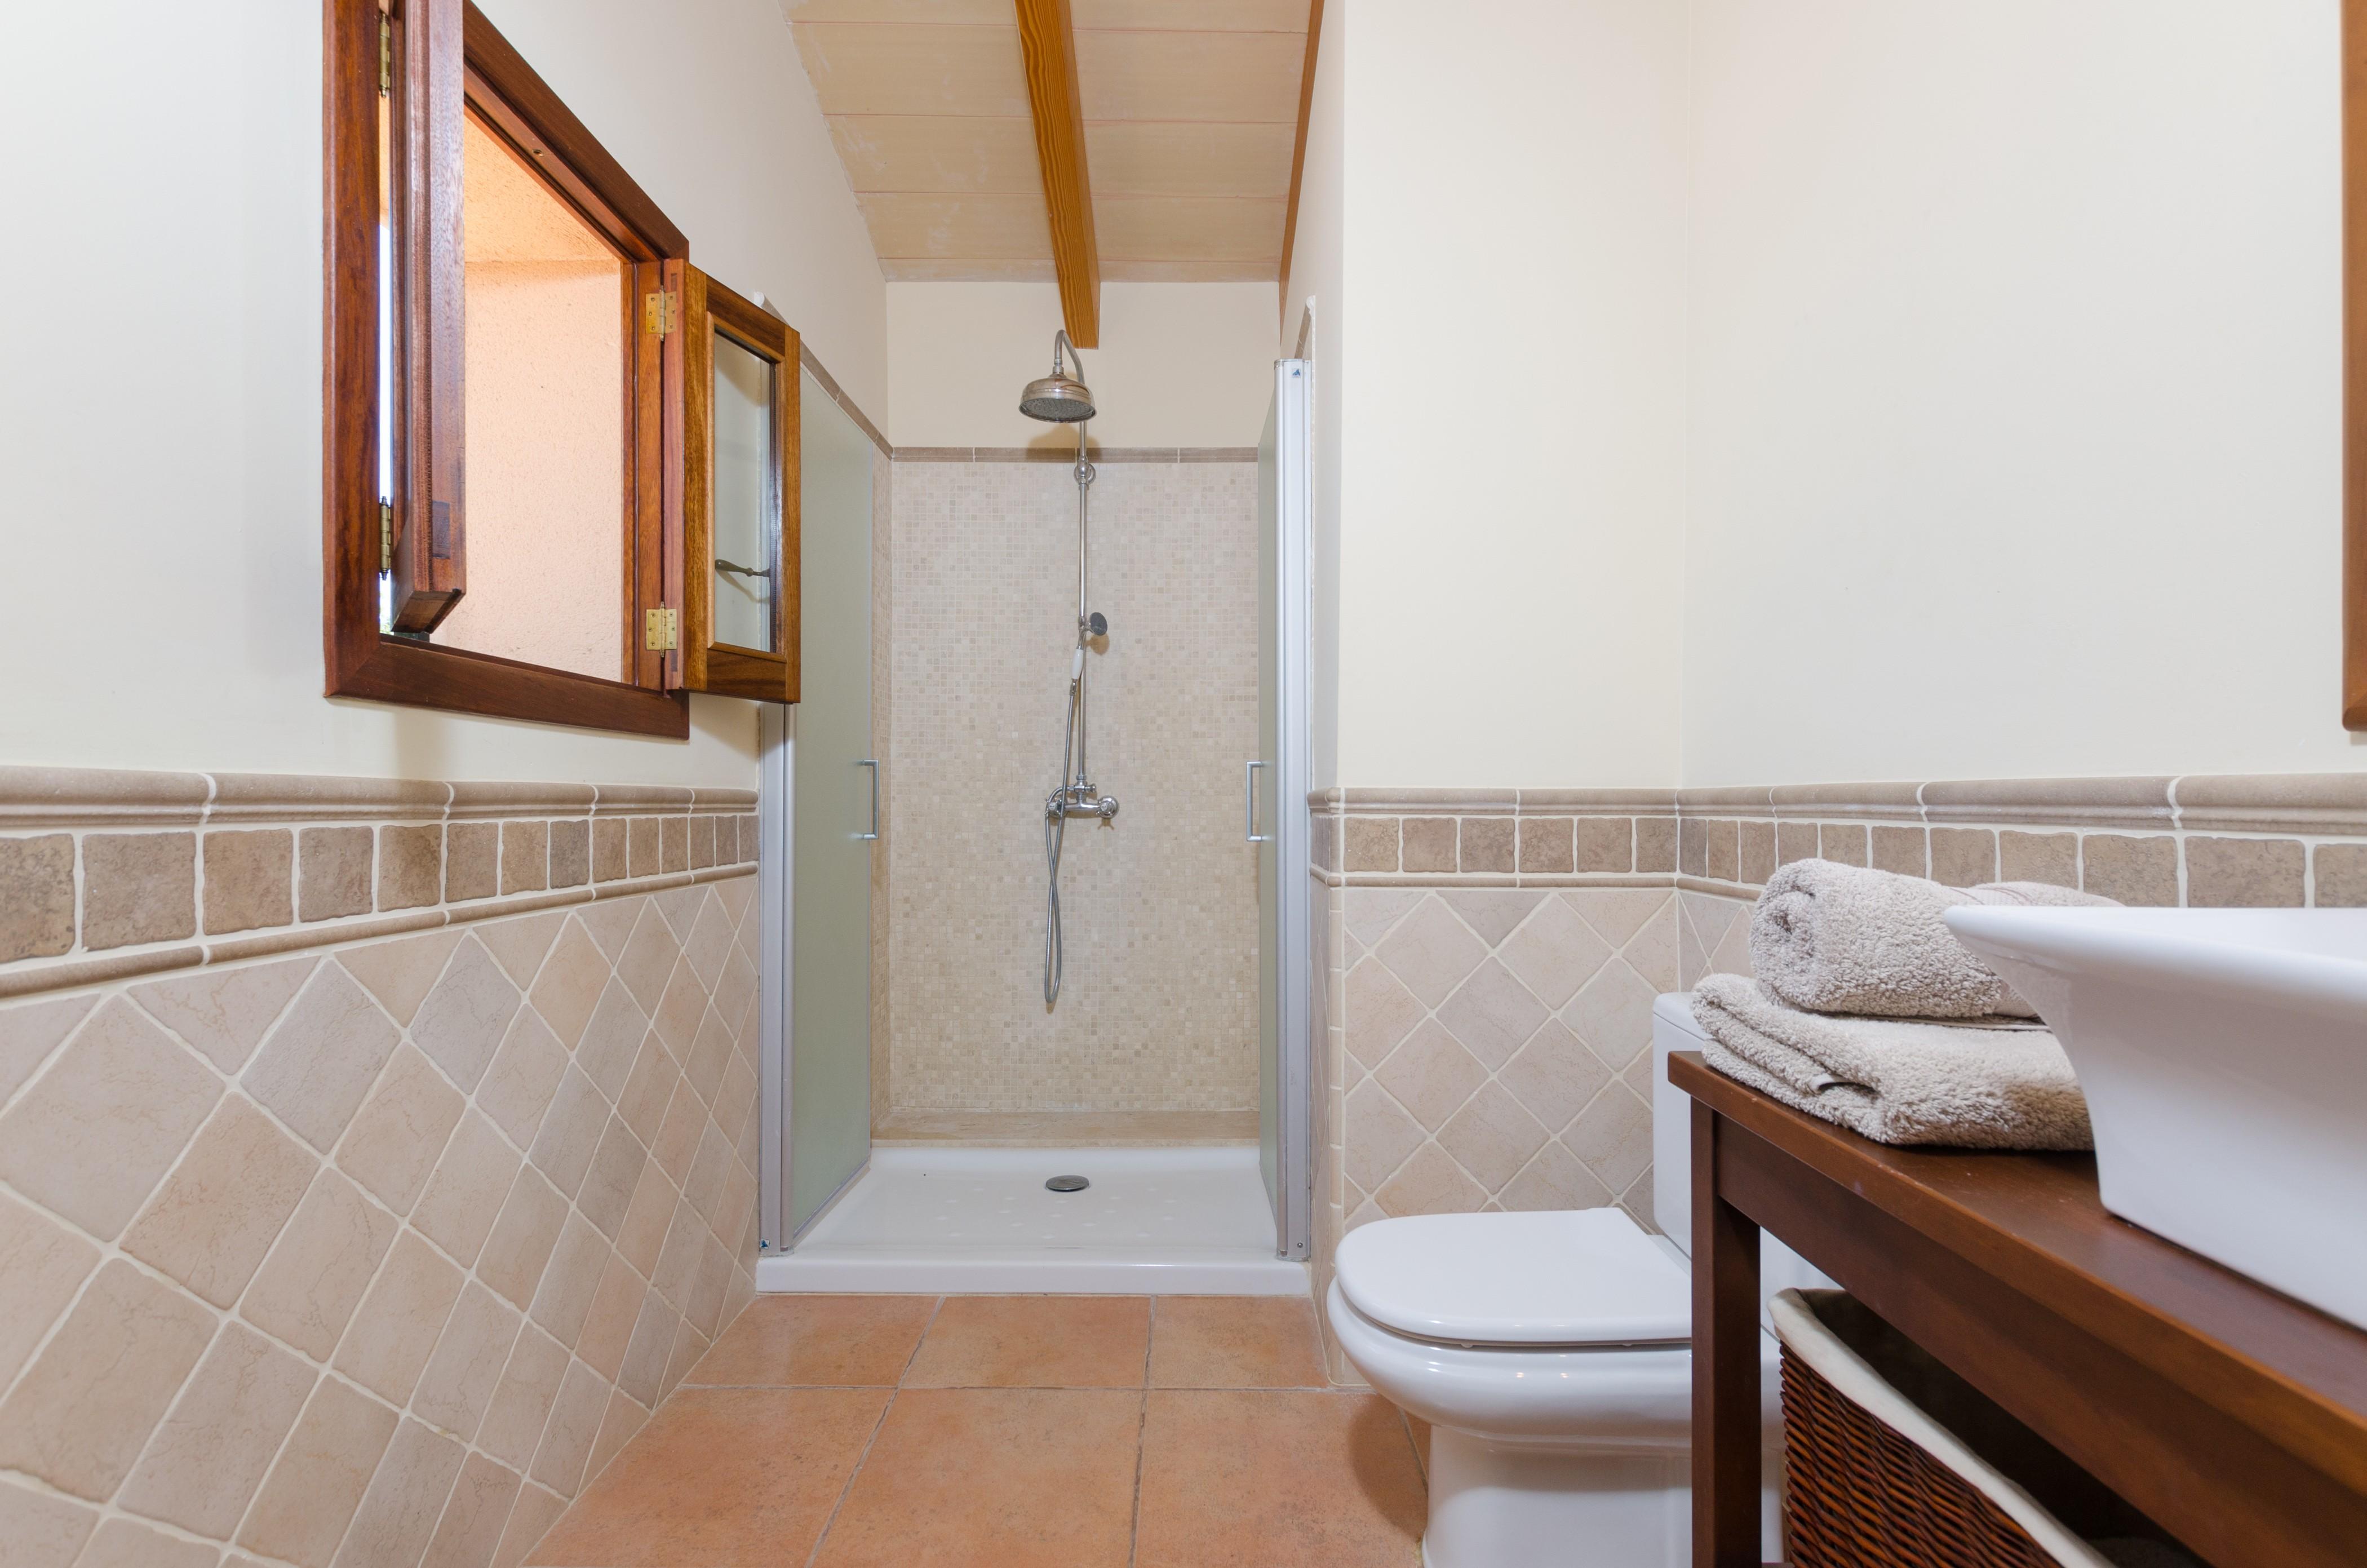 Maison de vacances ES VEDAT (2632993), Lloret de Vistalegre, Majorque, Iles Baléares, Espagne, image 27